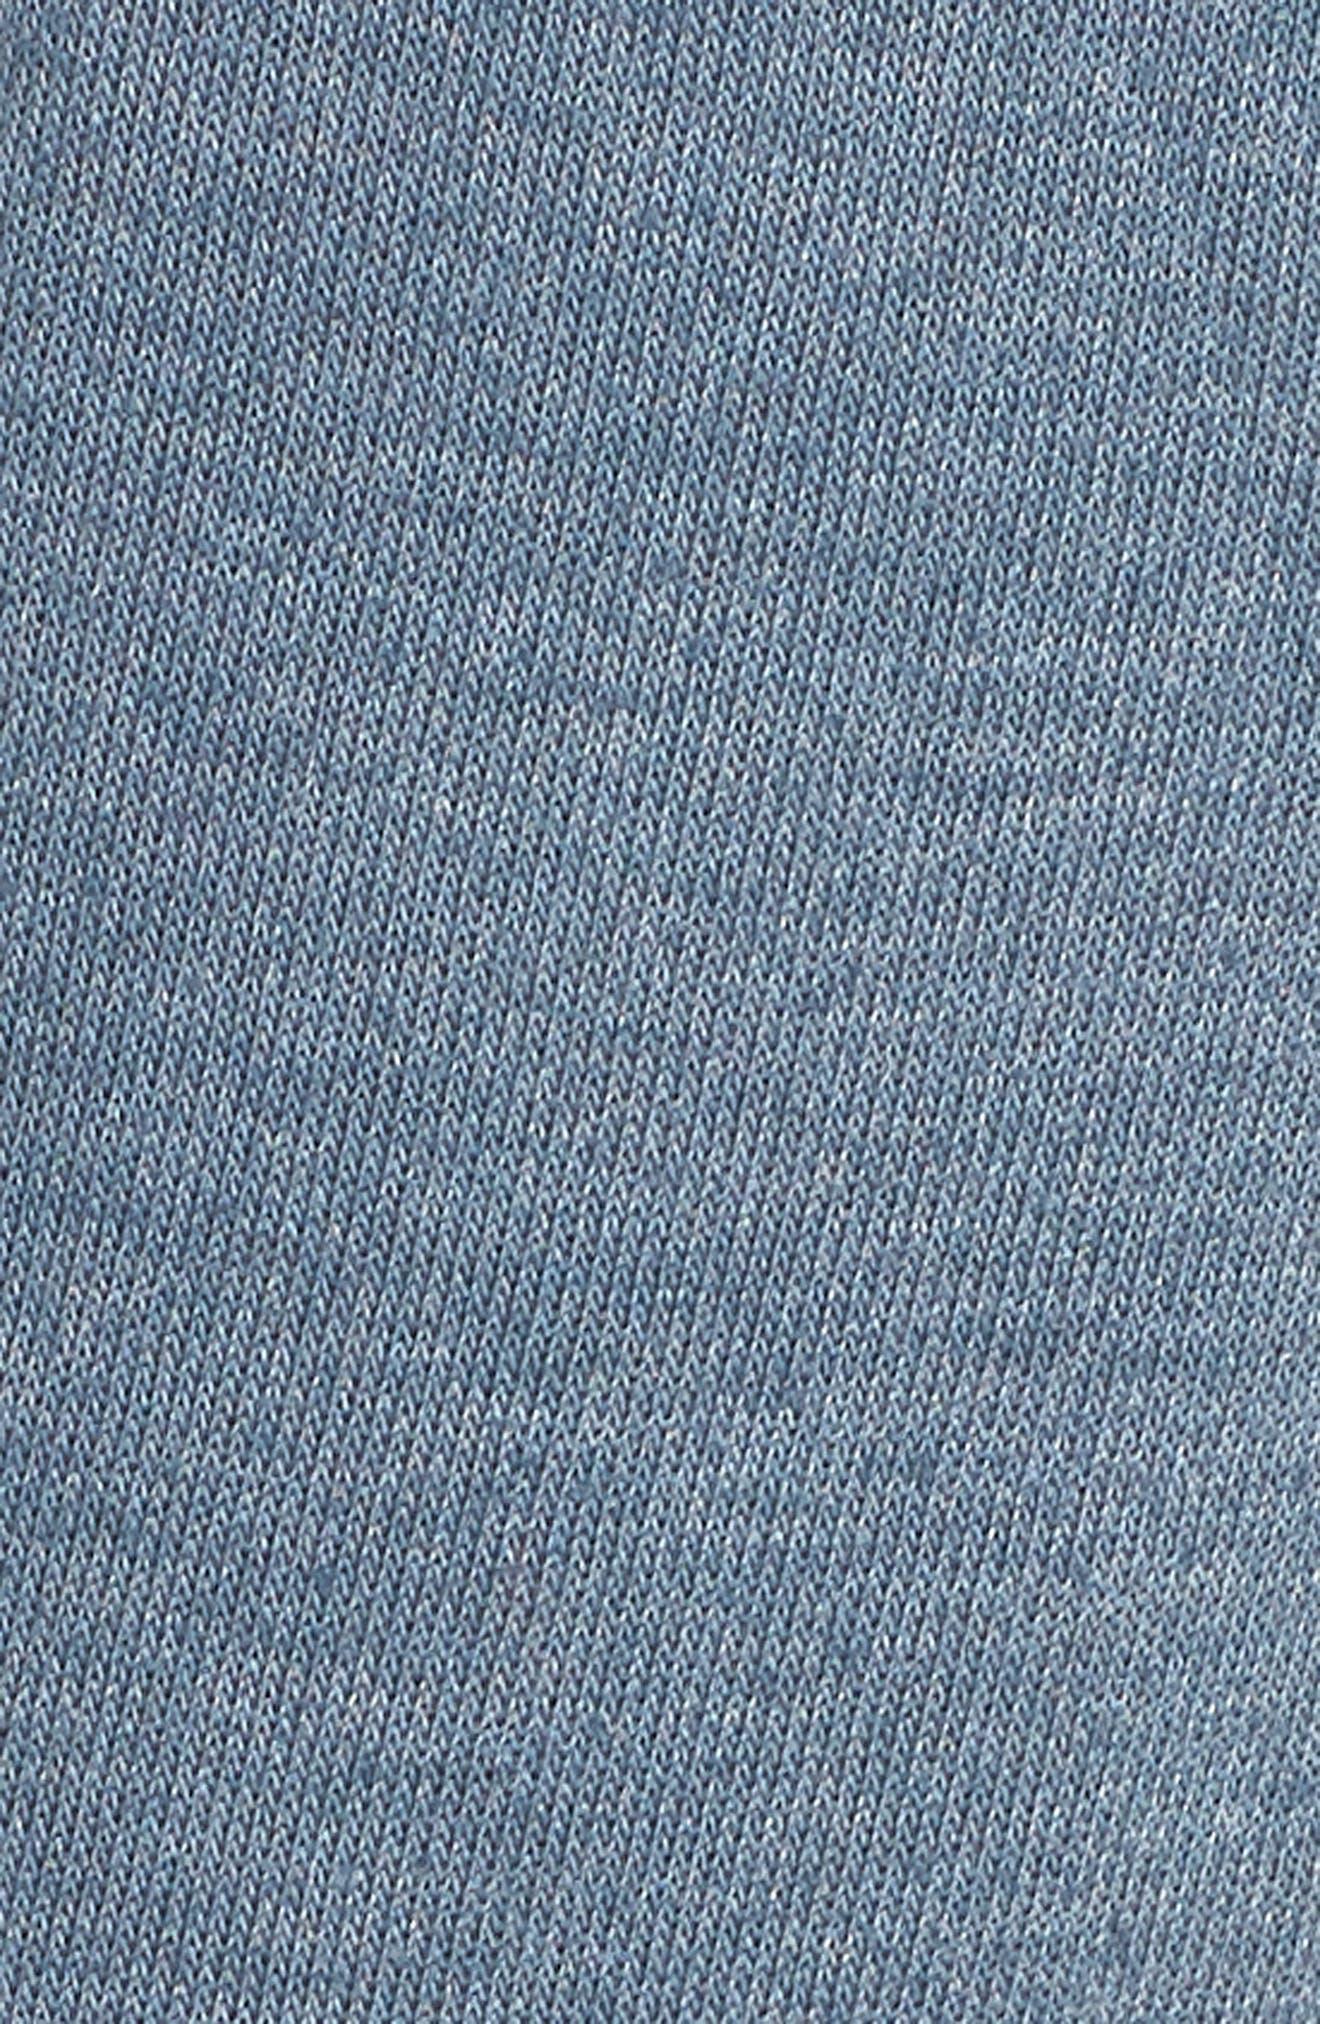 Moto Sweatpants,                             Alternate thumbnail 6, color,                             SLATE